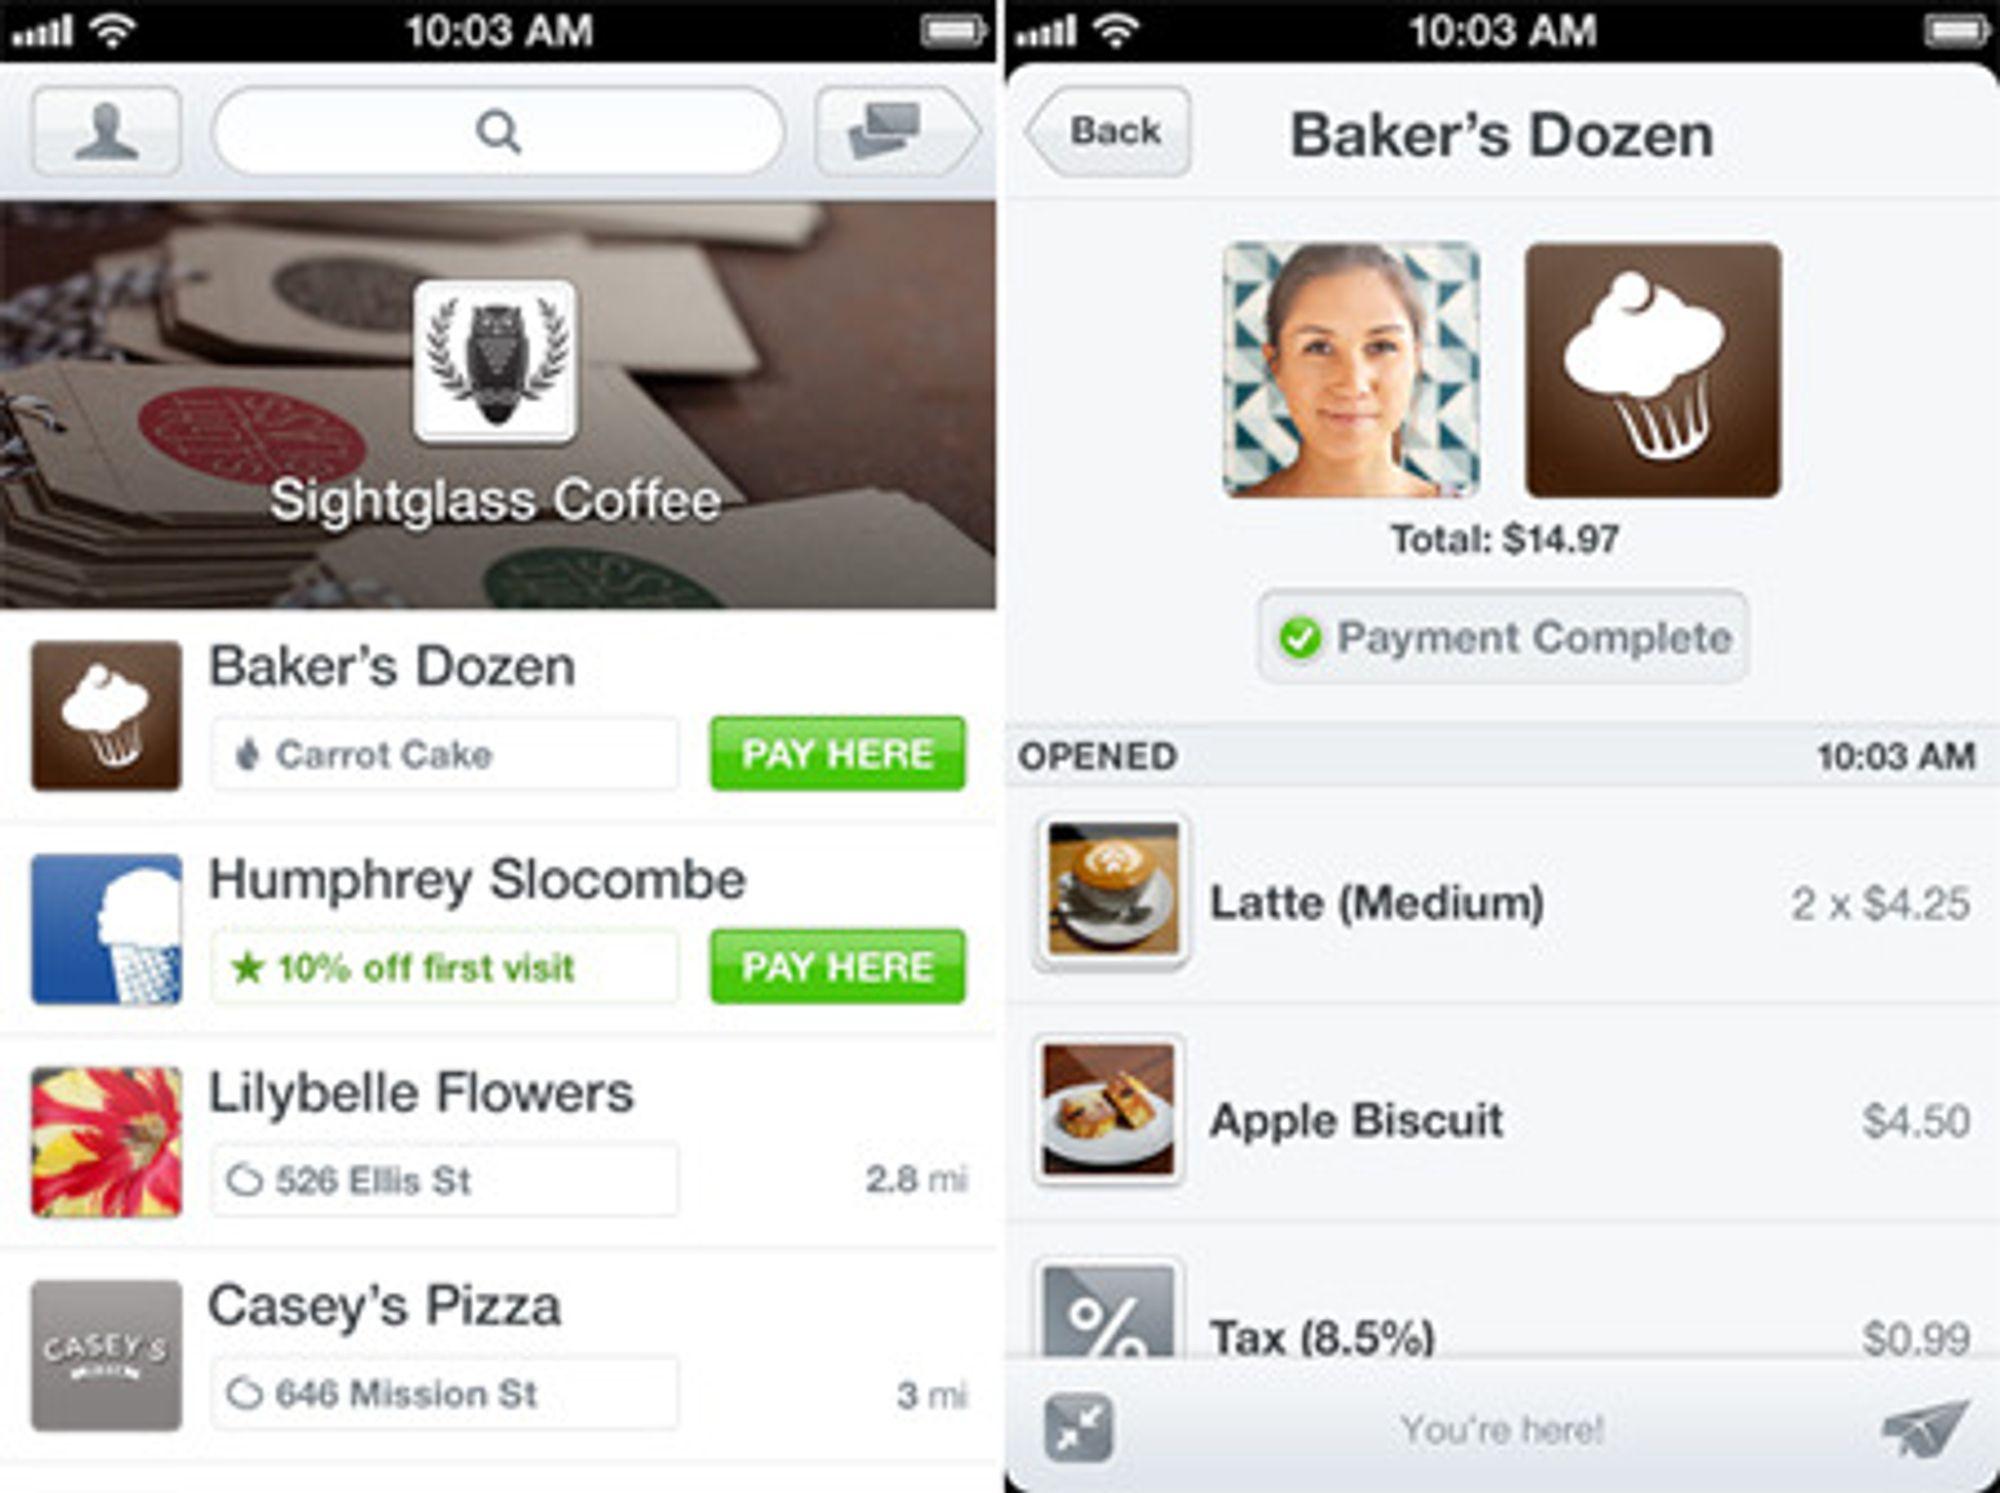 Betaling gjennom nettskyen innebærer at man installerer en app og oppretter en konto med navn, passord og kredittkortnummer. Appen sanser hvor du befinner deg, og foreslår butikker i nærområde som godtar appen som betalingsformidler. Her velges Baker's Dozen. Kassebetjeningen sjekker at navn og bilde stemmer, og godtar betalingen.